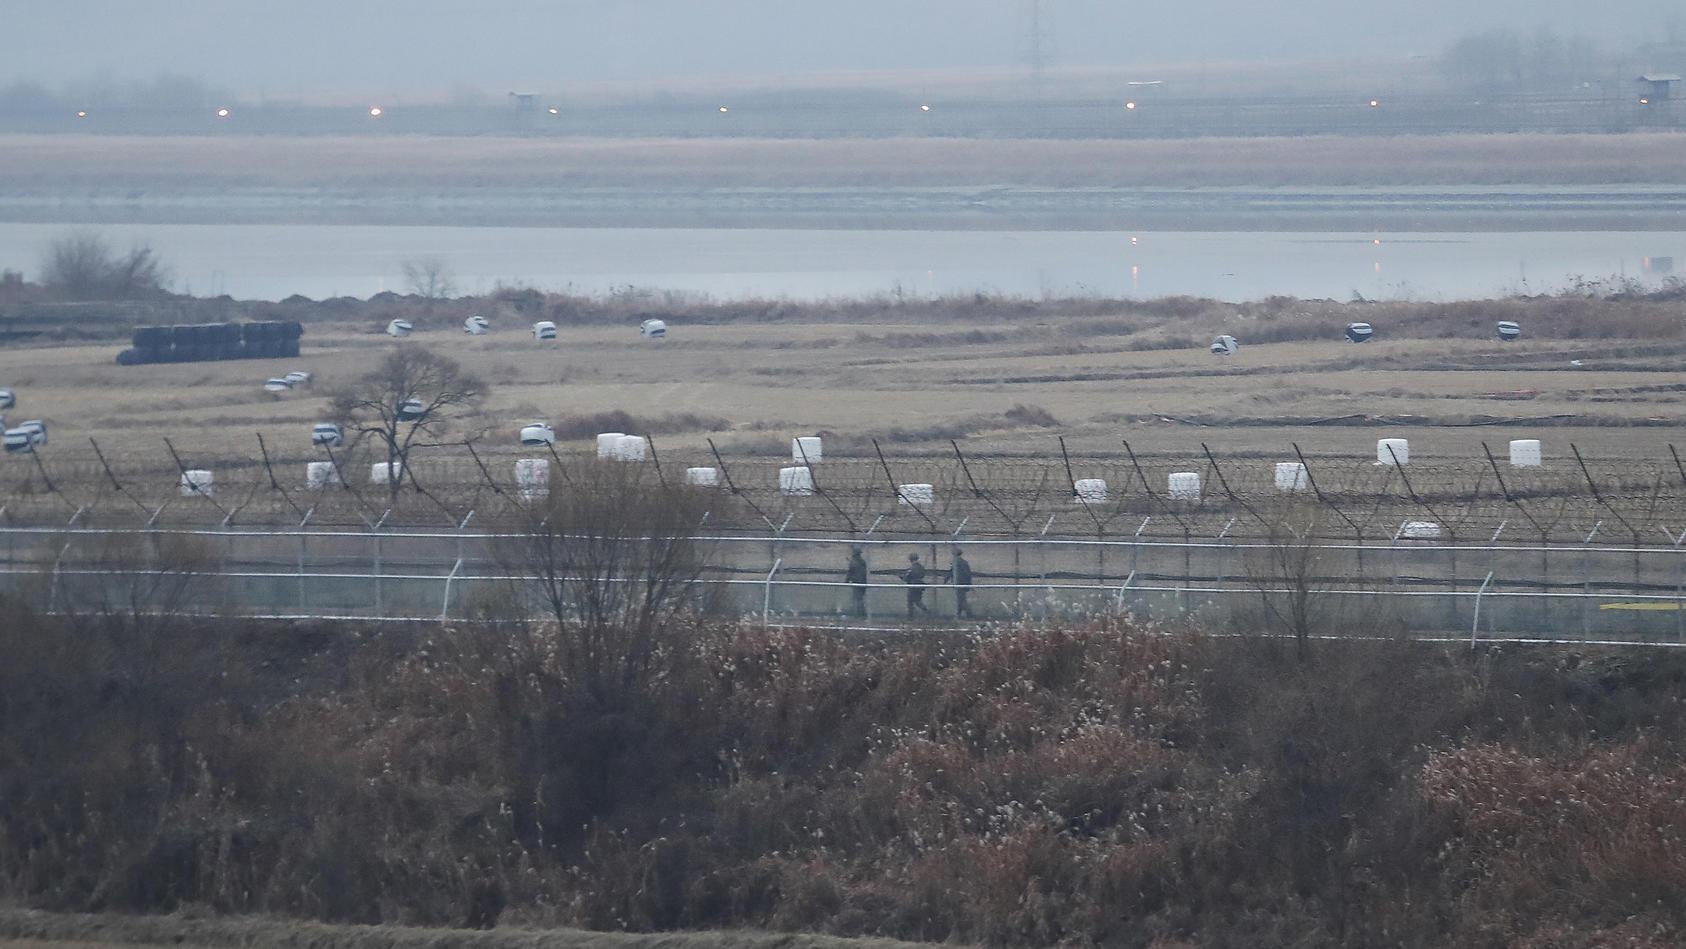 In der Grenzregion zwischen Nordkorea und Südkorea ist es laut einem Bericht zu einem Schusswechsel gekommen.